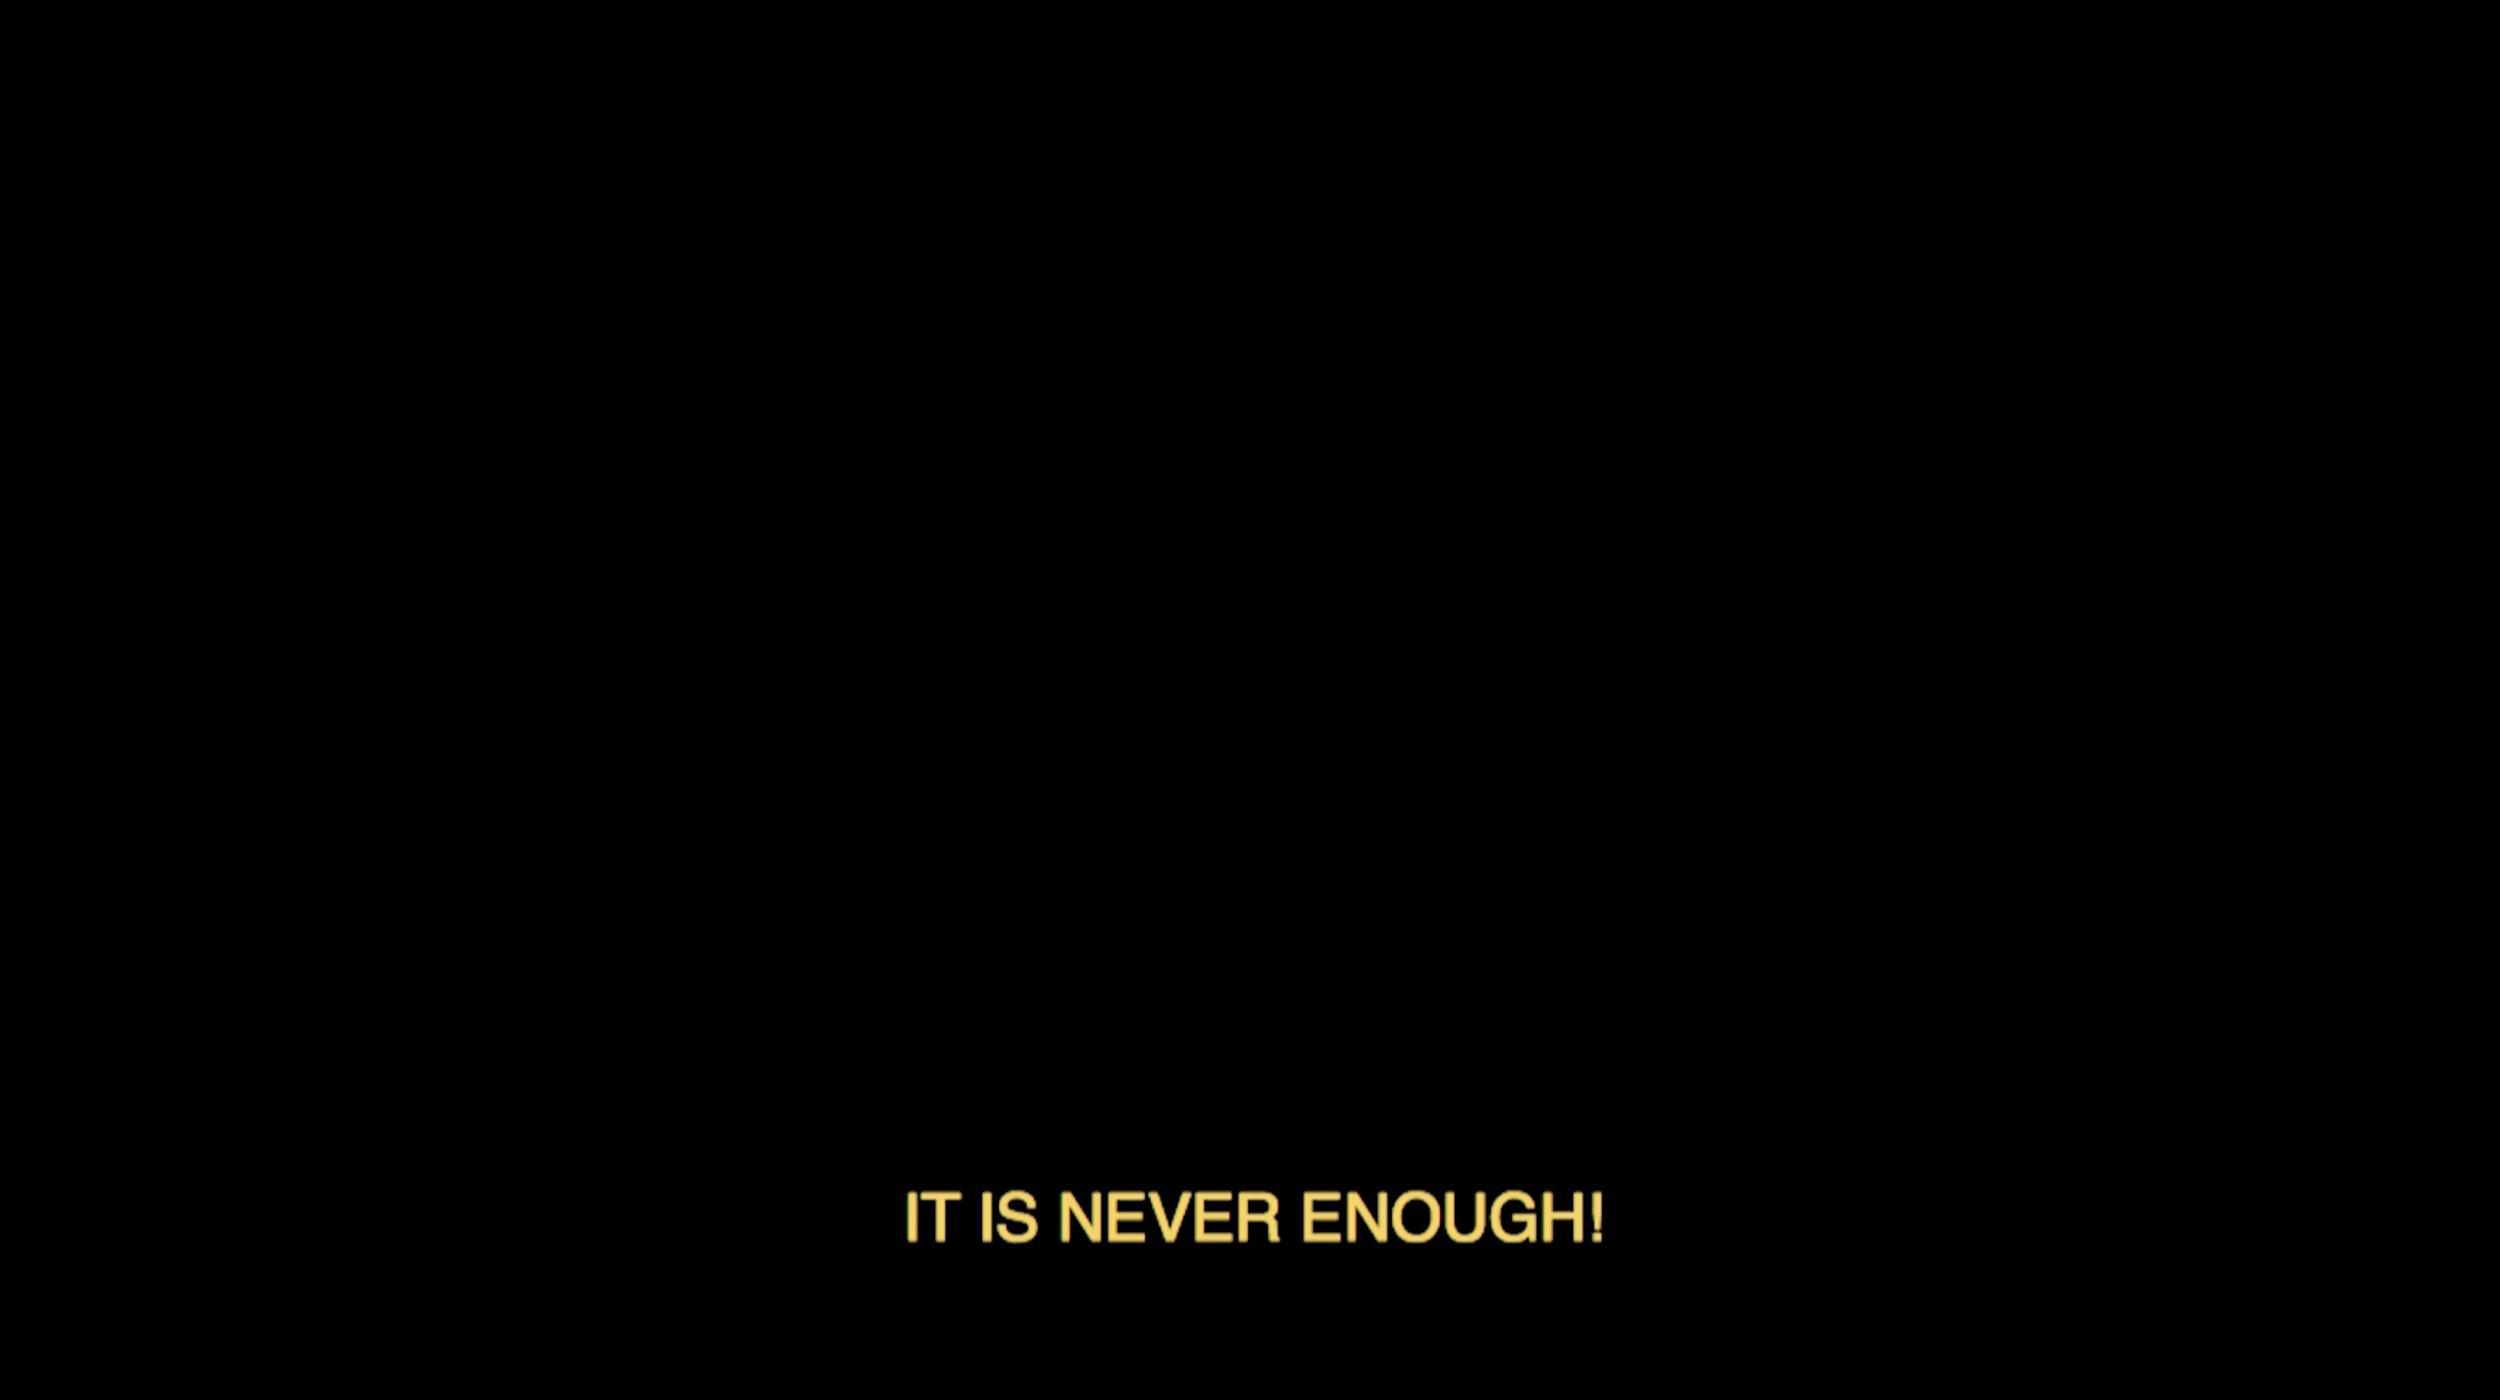 Screen Shot 2018-04-10 at 19.26.20.png